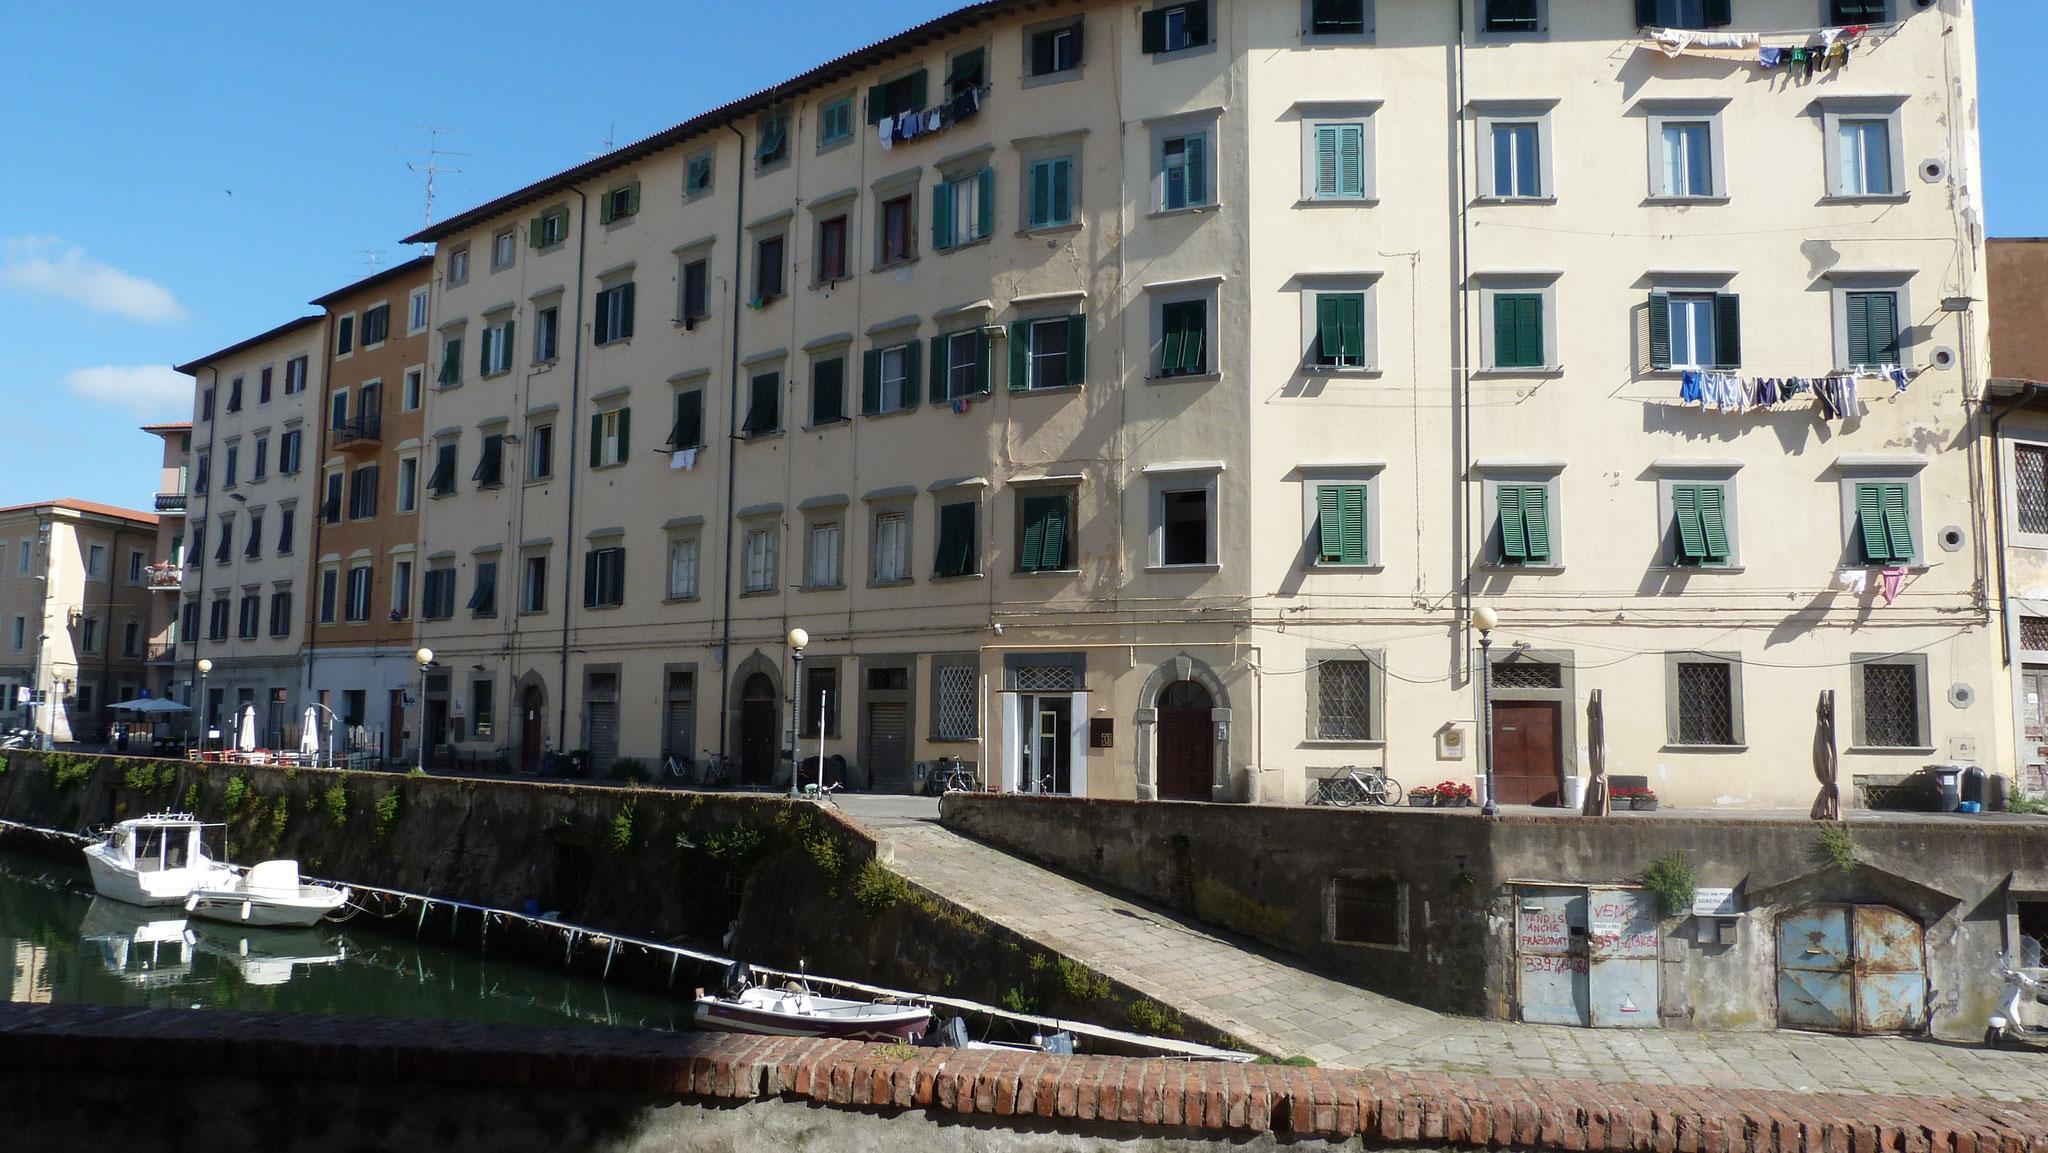 Klein Venedig in Livorno